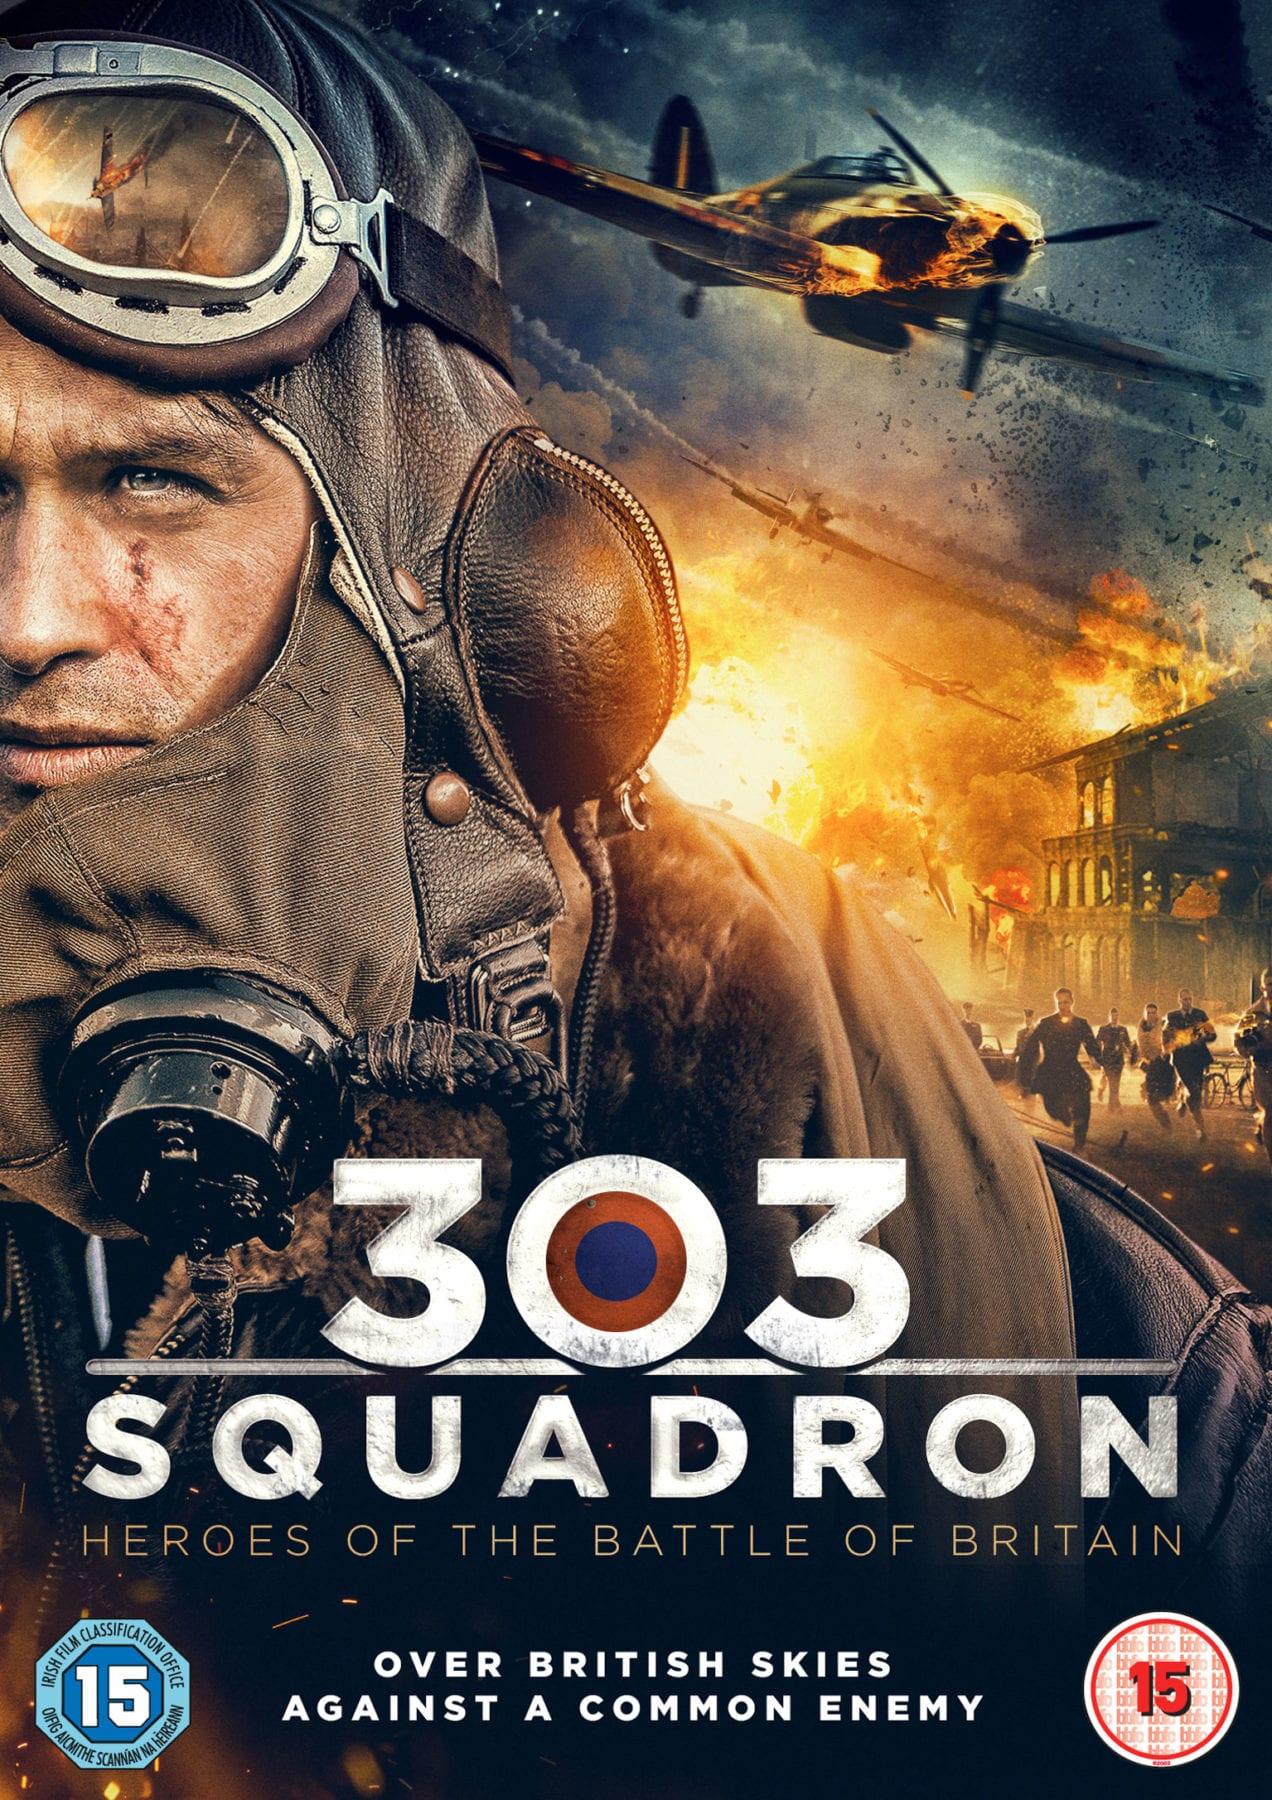 303 Film